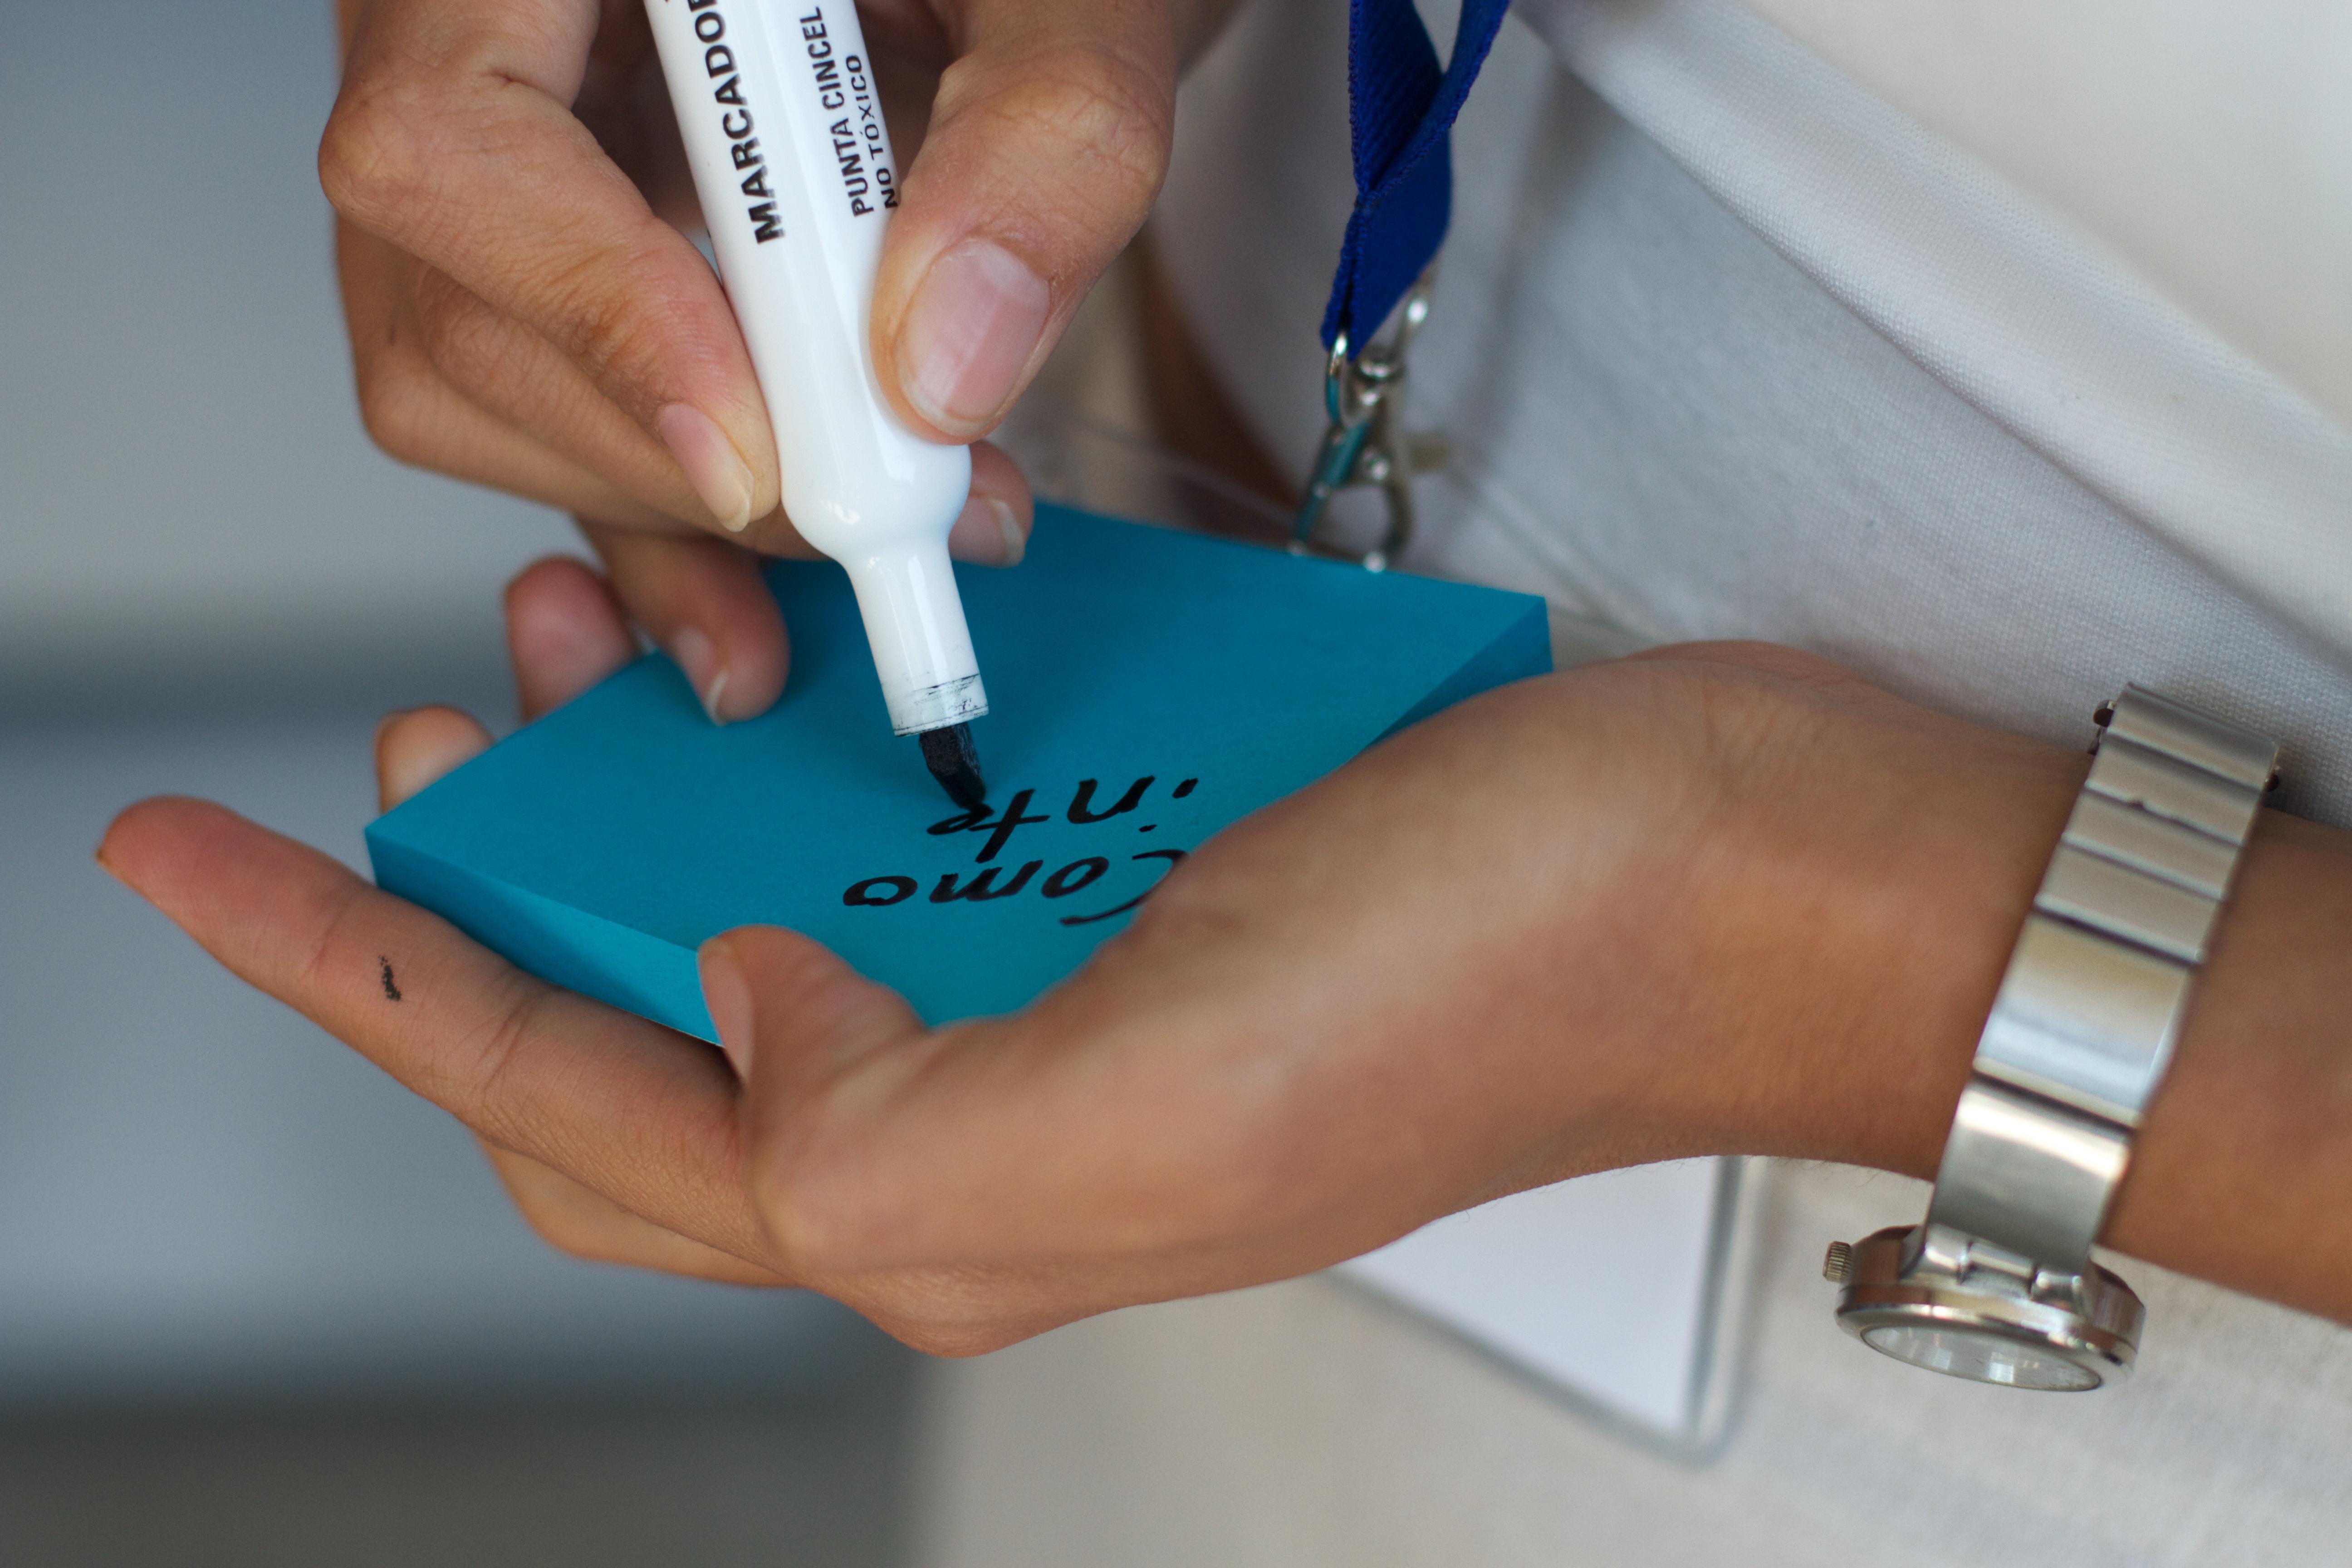 Fotos gratis : escritura, mano, pierna, dedo, brazo, músculo, cuerpo ...